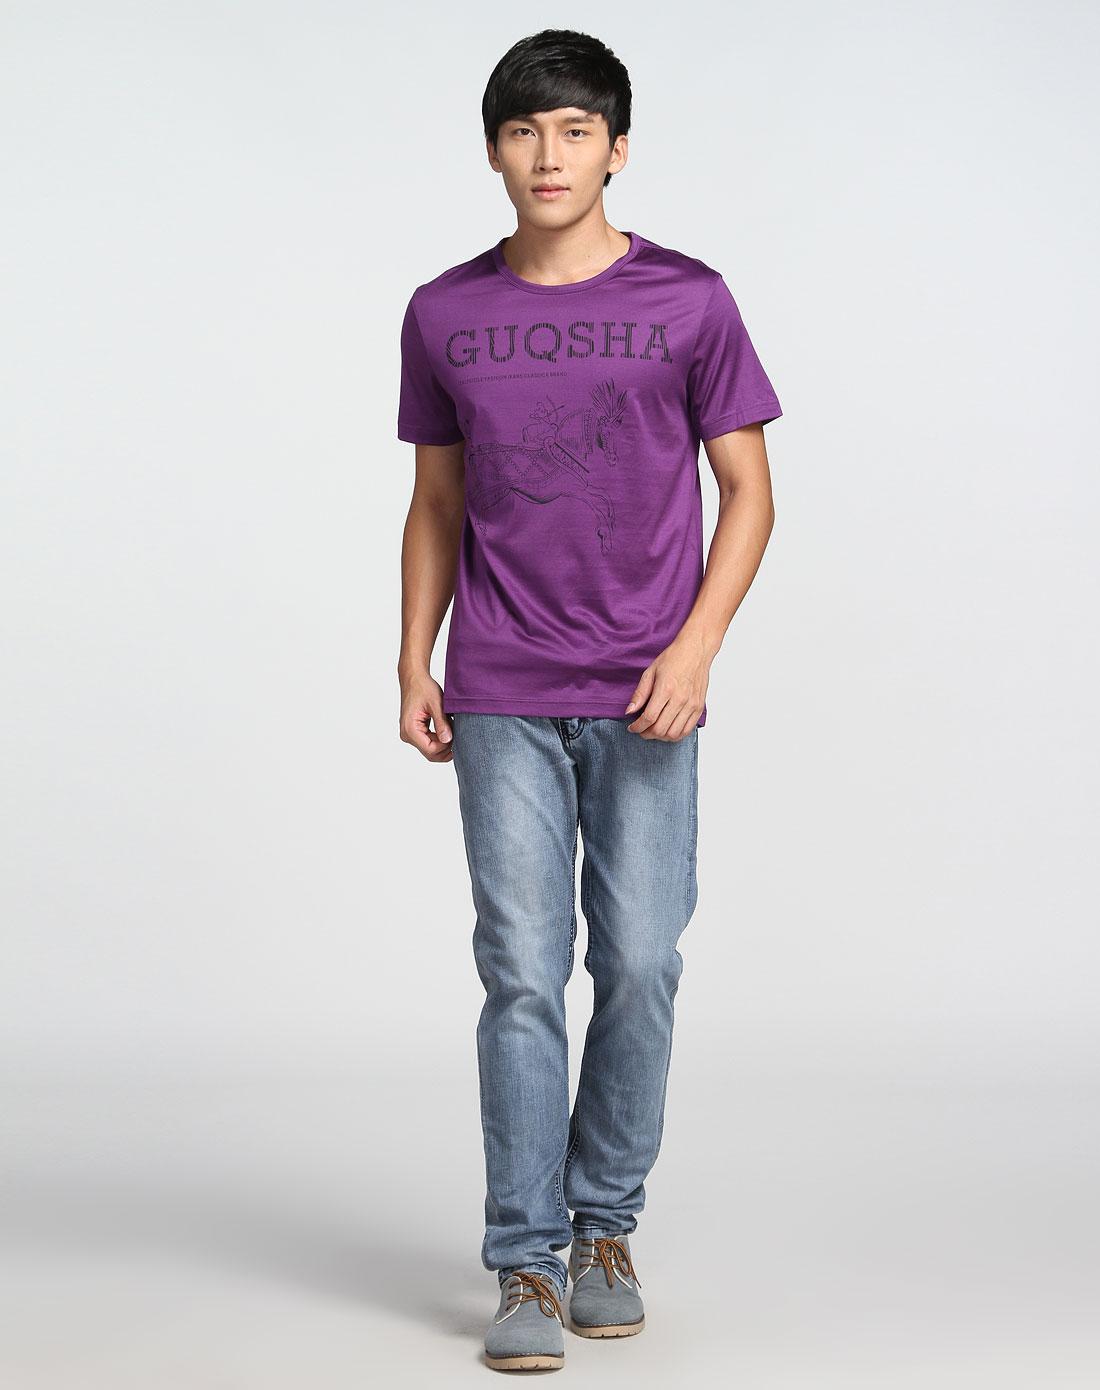 圆领印马图案紫色短袖t恤